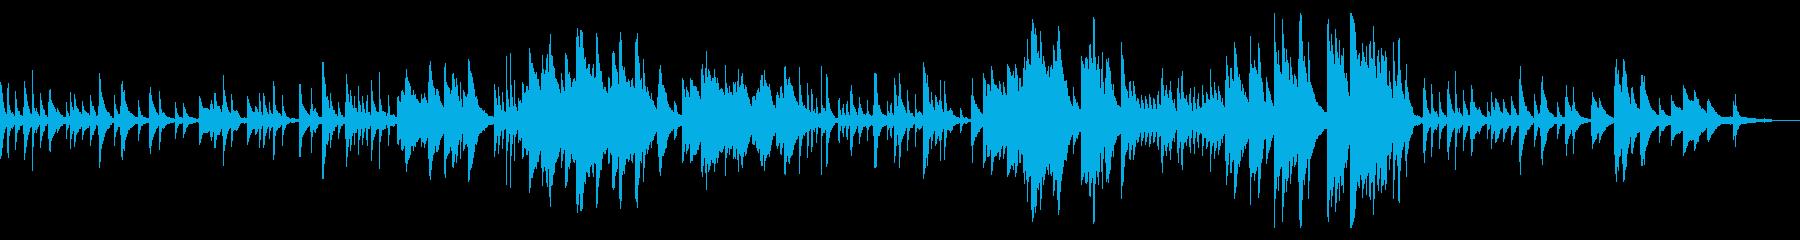 しっとりとしたピアノソロ曲の再生済みの波形